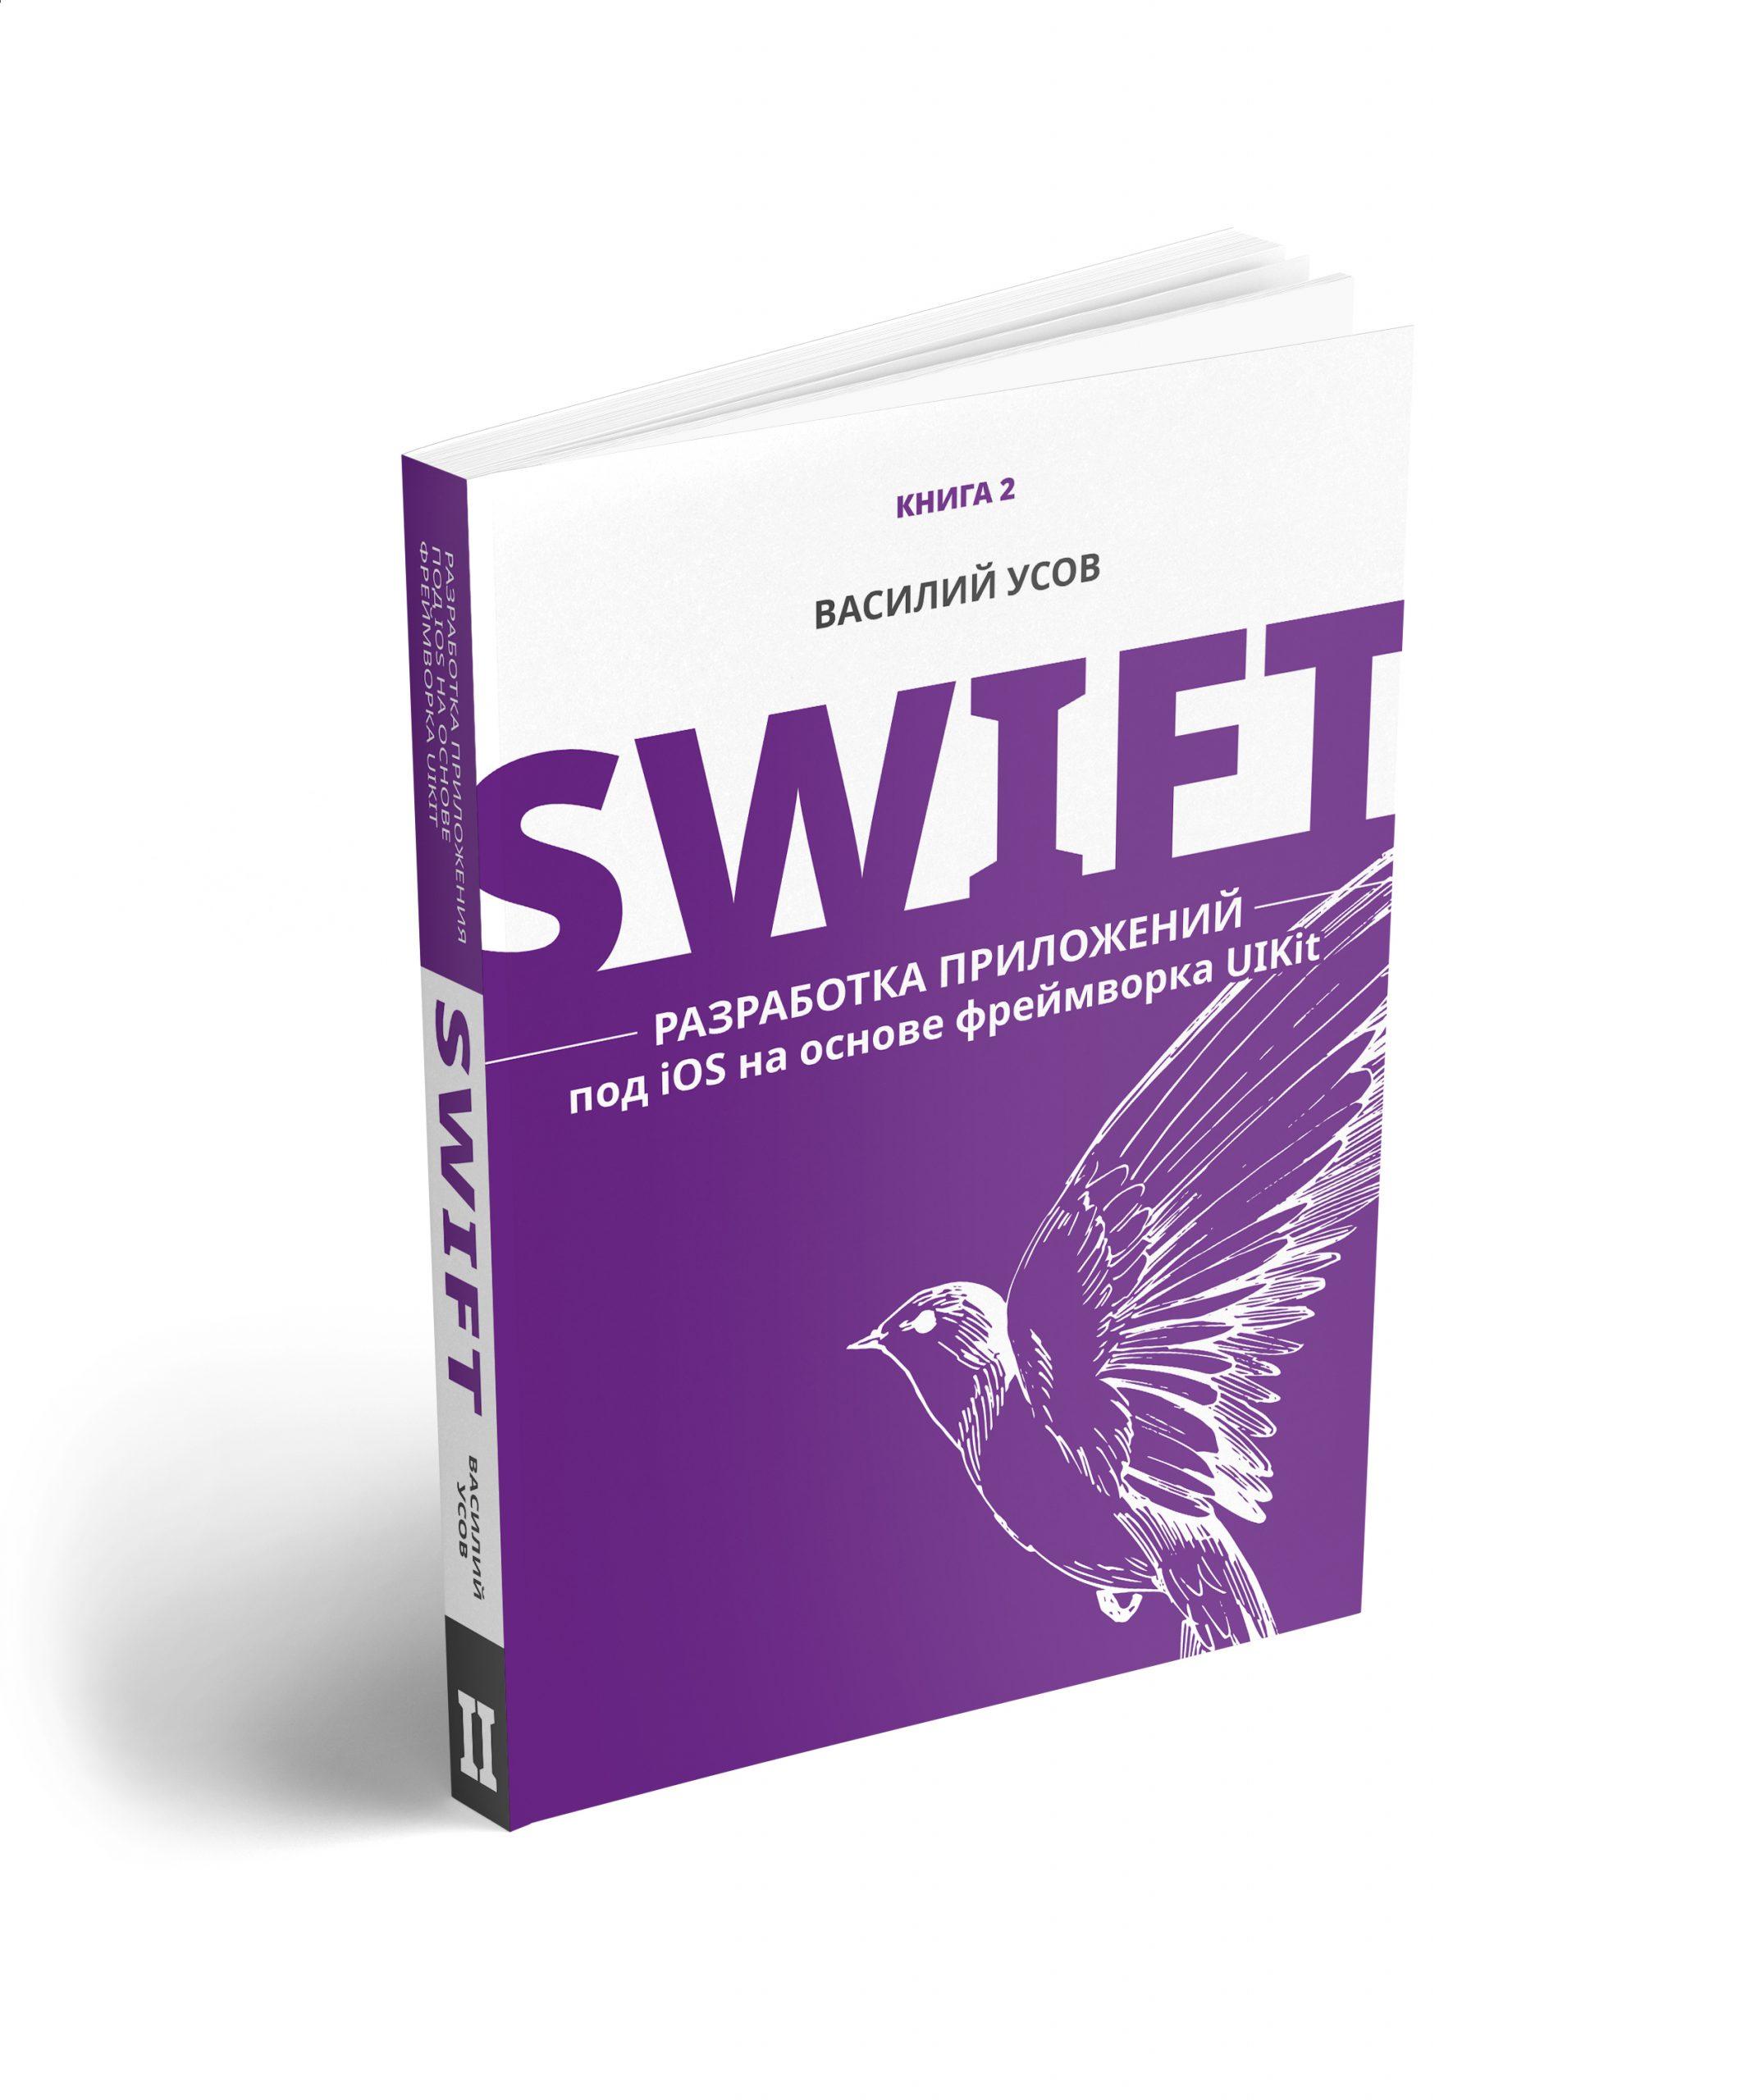 Swift. Обучение разработке под iOS и macOS